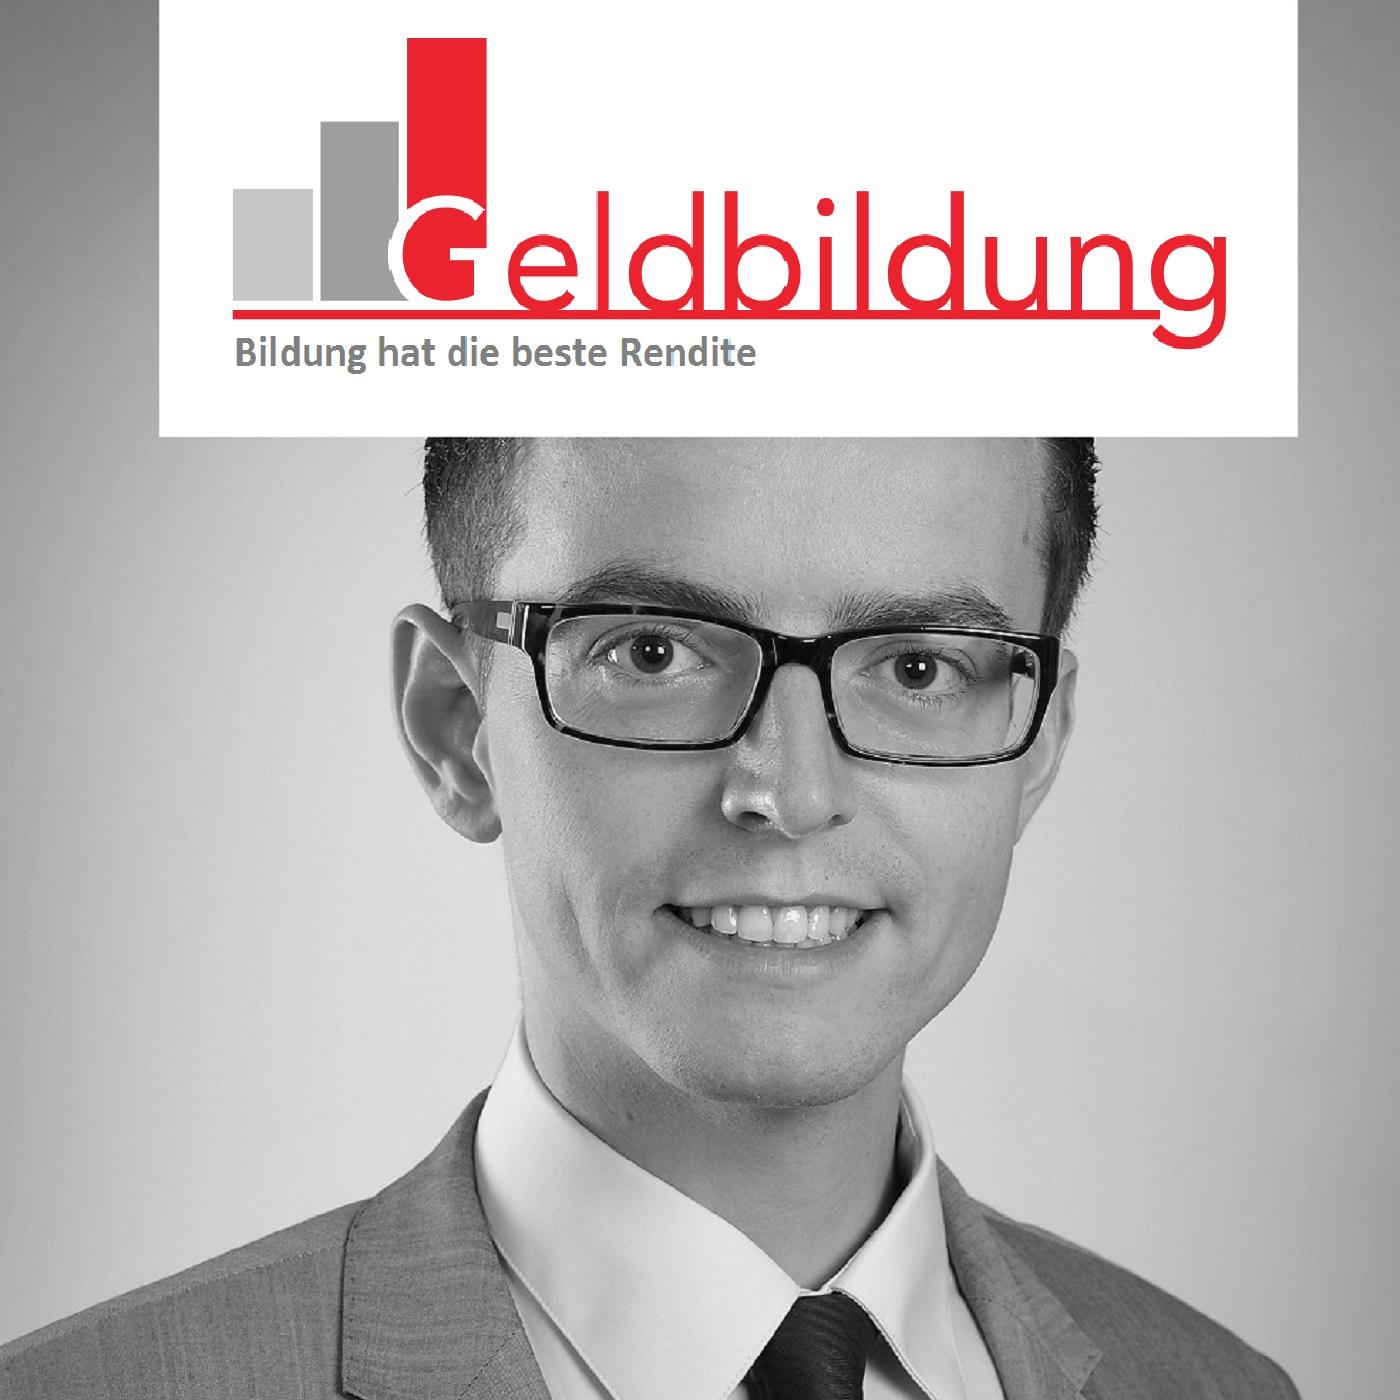 Interview mit Herrn Dr. Leven vom Deutschen Aktieninstitut (DAI) zum Thema Aktien